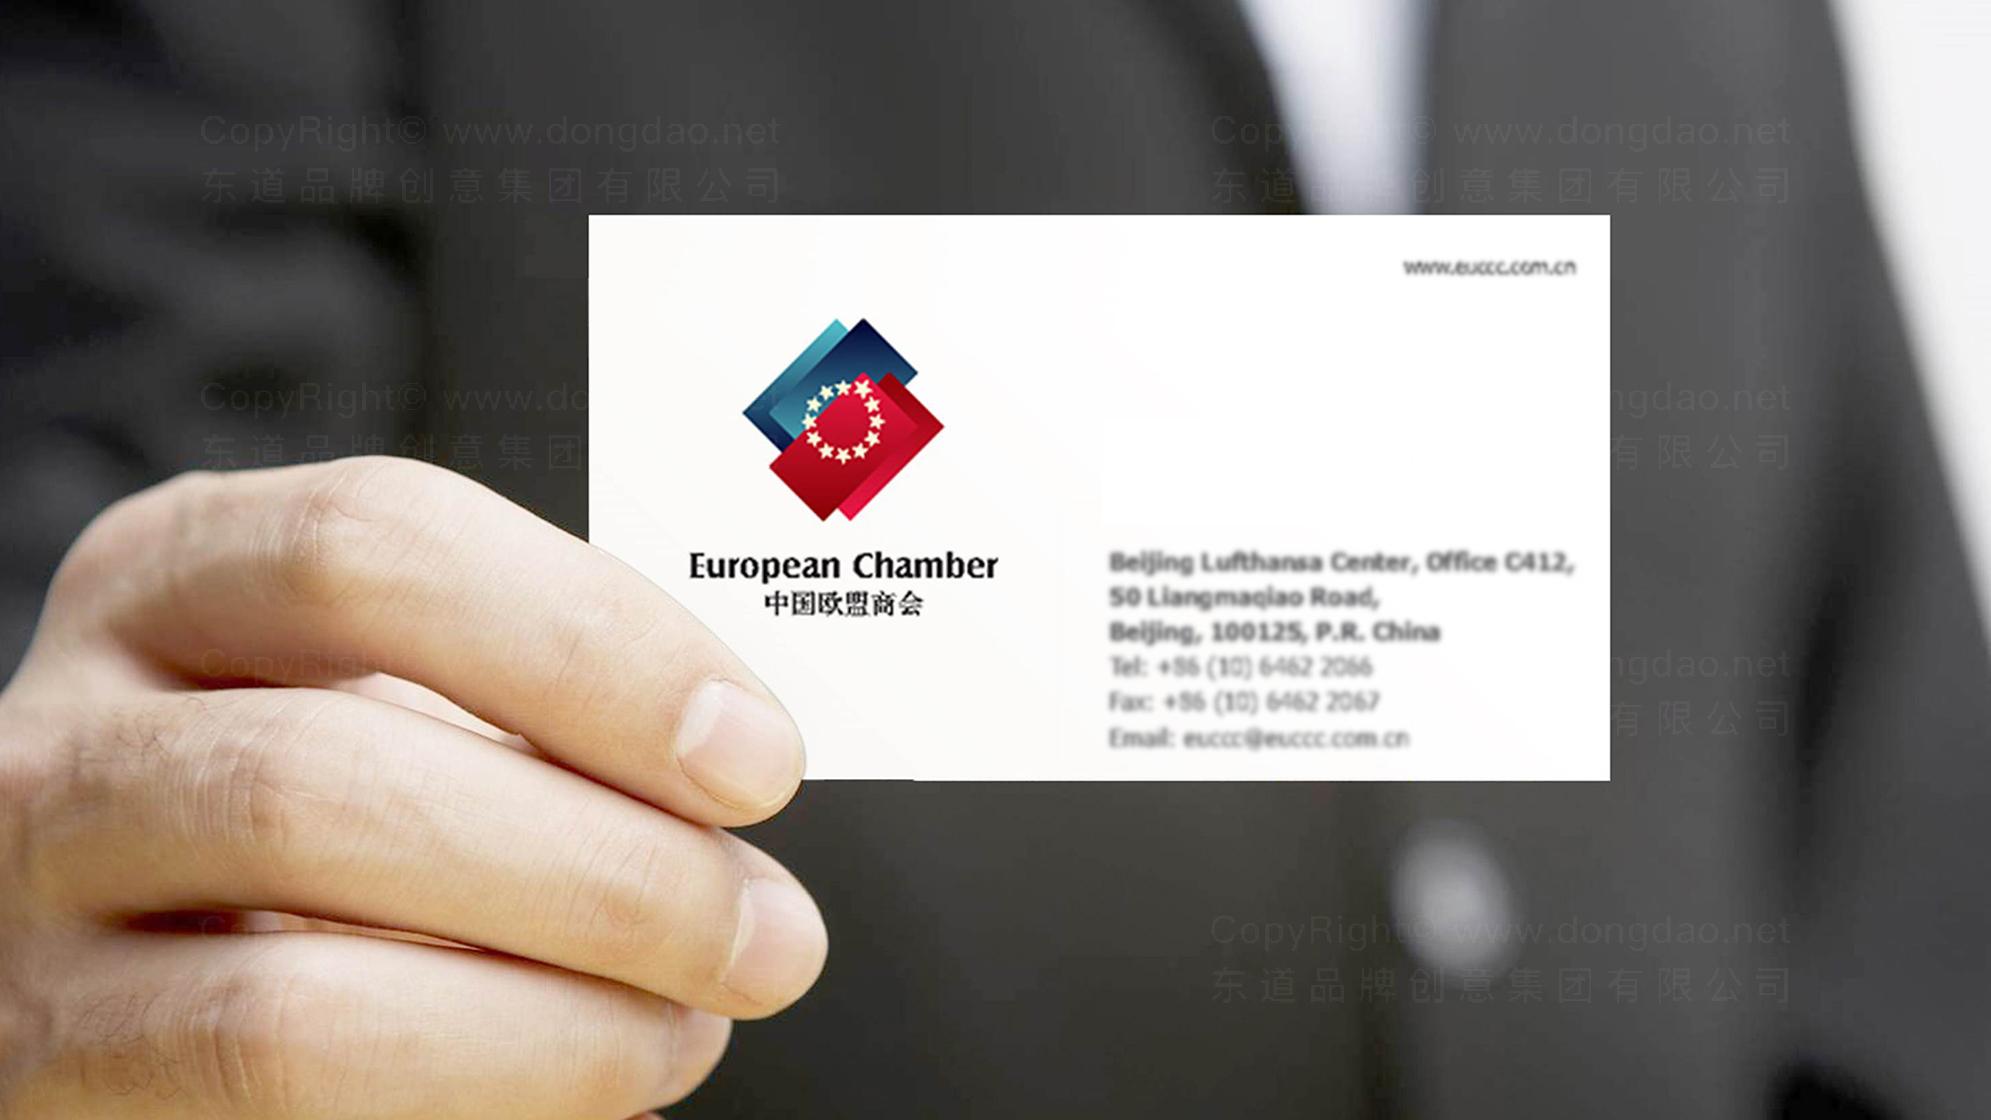 品牌设计中国欧盟商会LOGO&VI设计应用